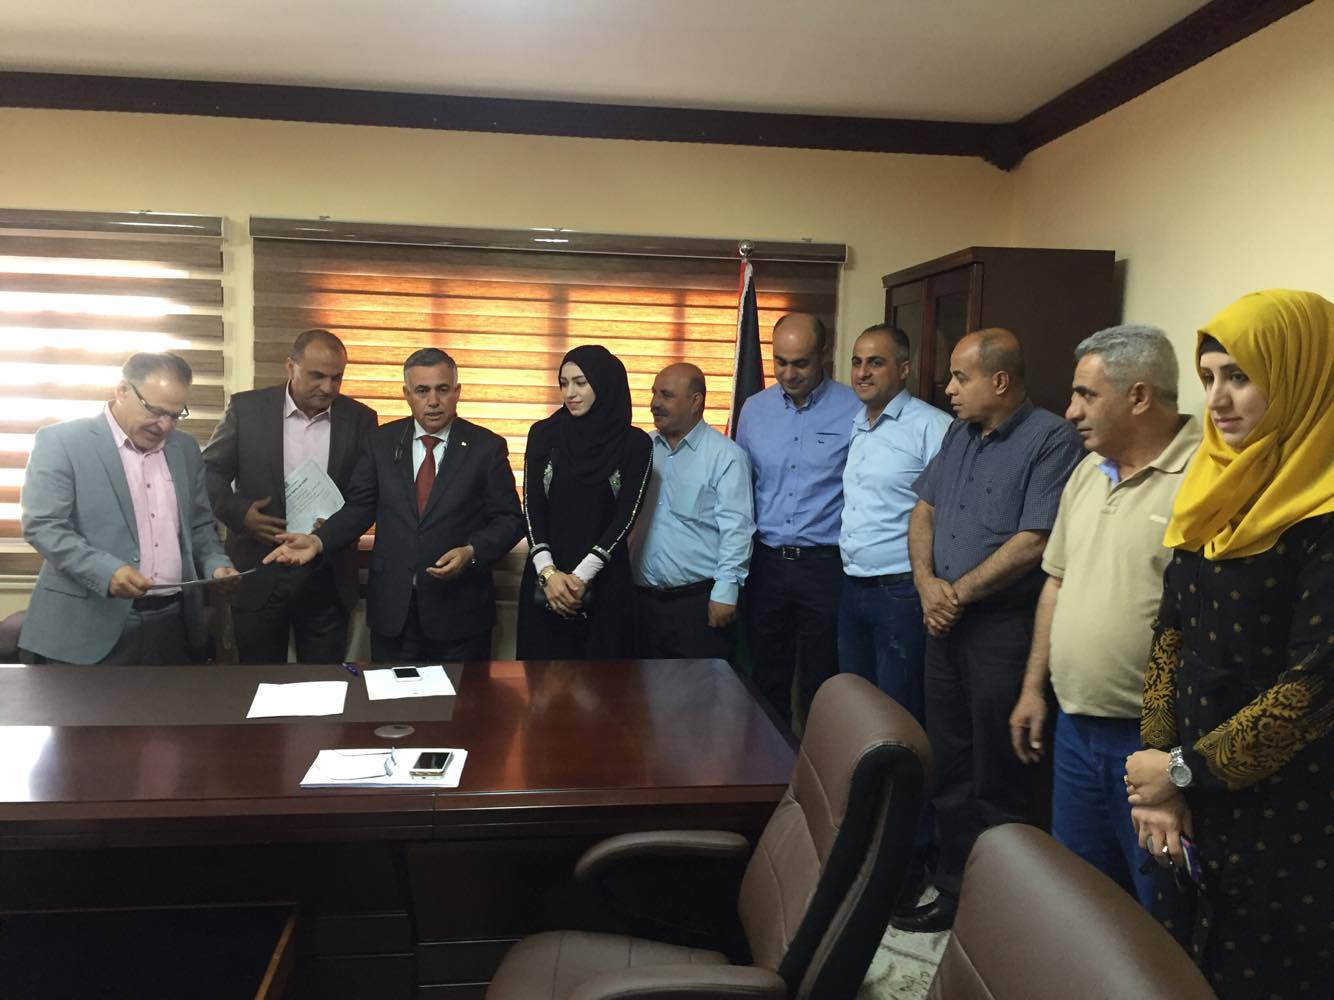 اتمام اجراءات استلام وتسليم بلدية برطعة بحضور وزير الحكم المحلي الفلسطيني الدكتور حسين الاعرج .